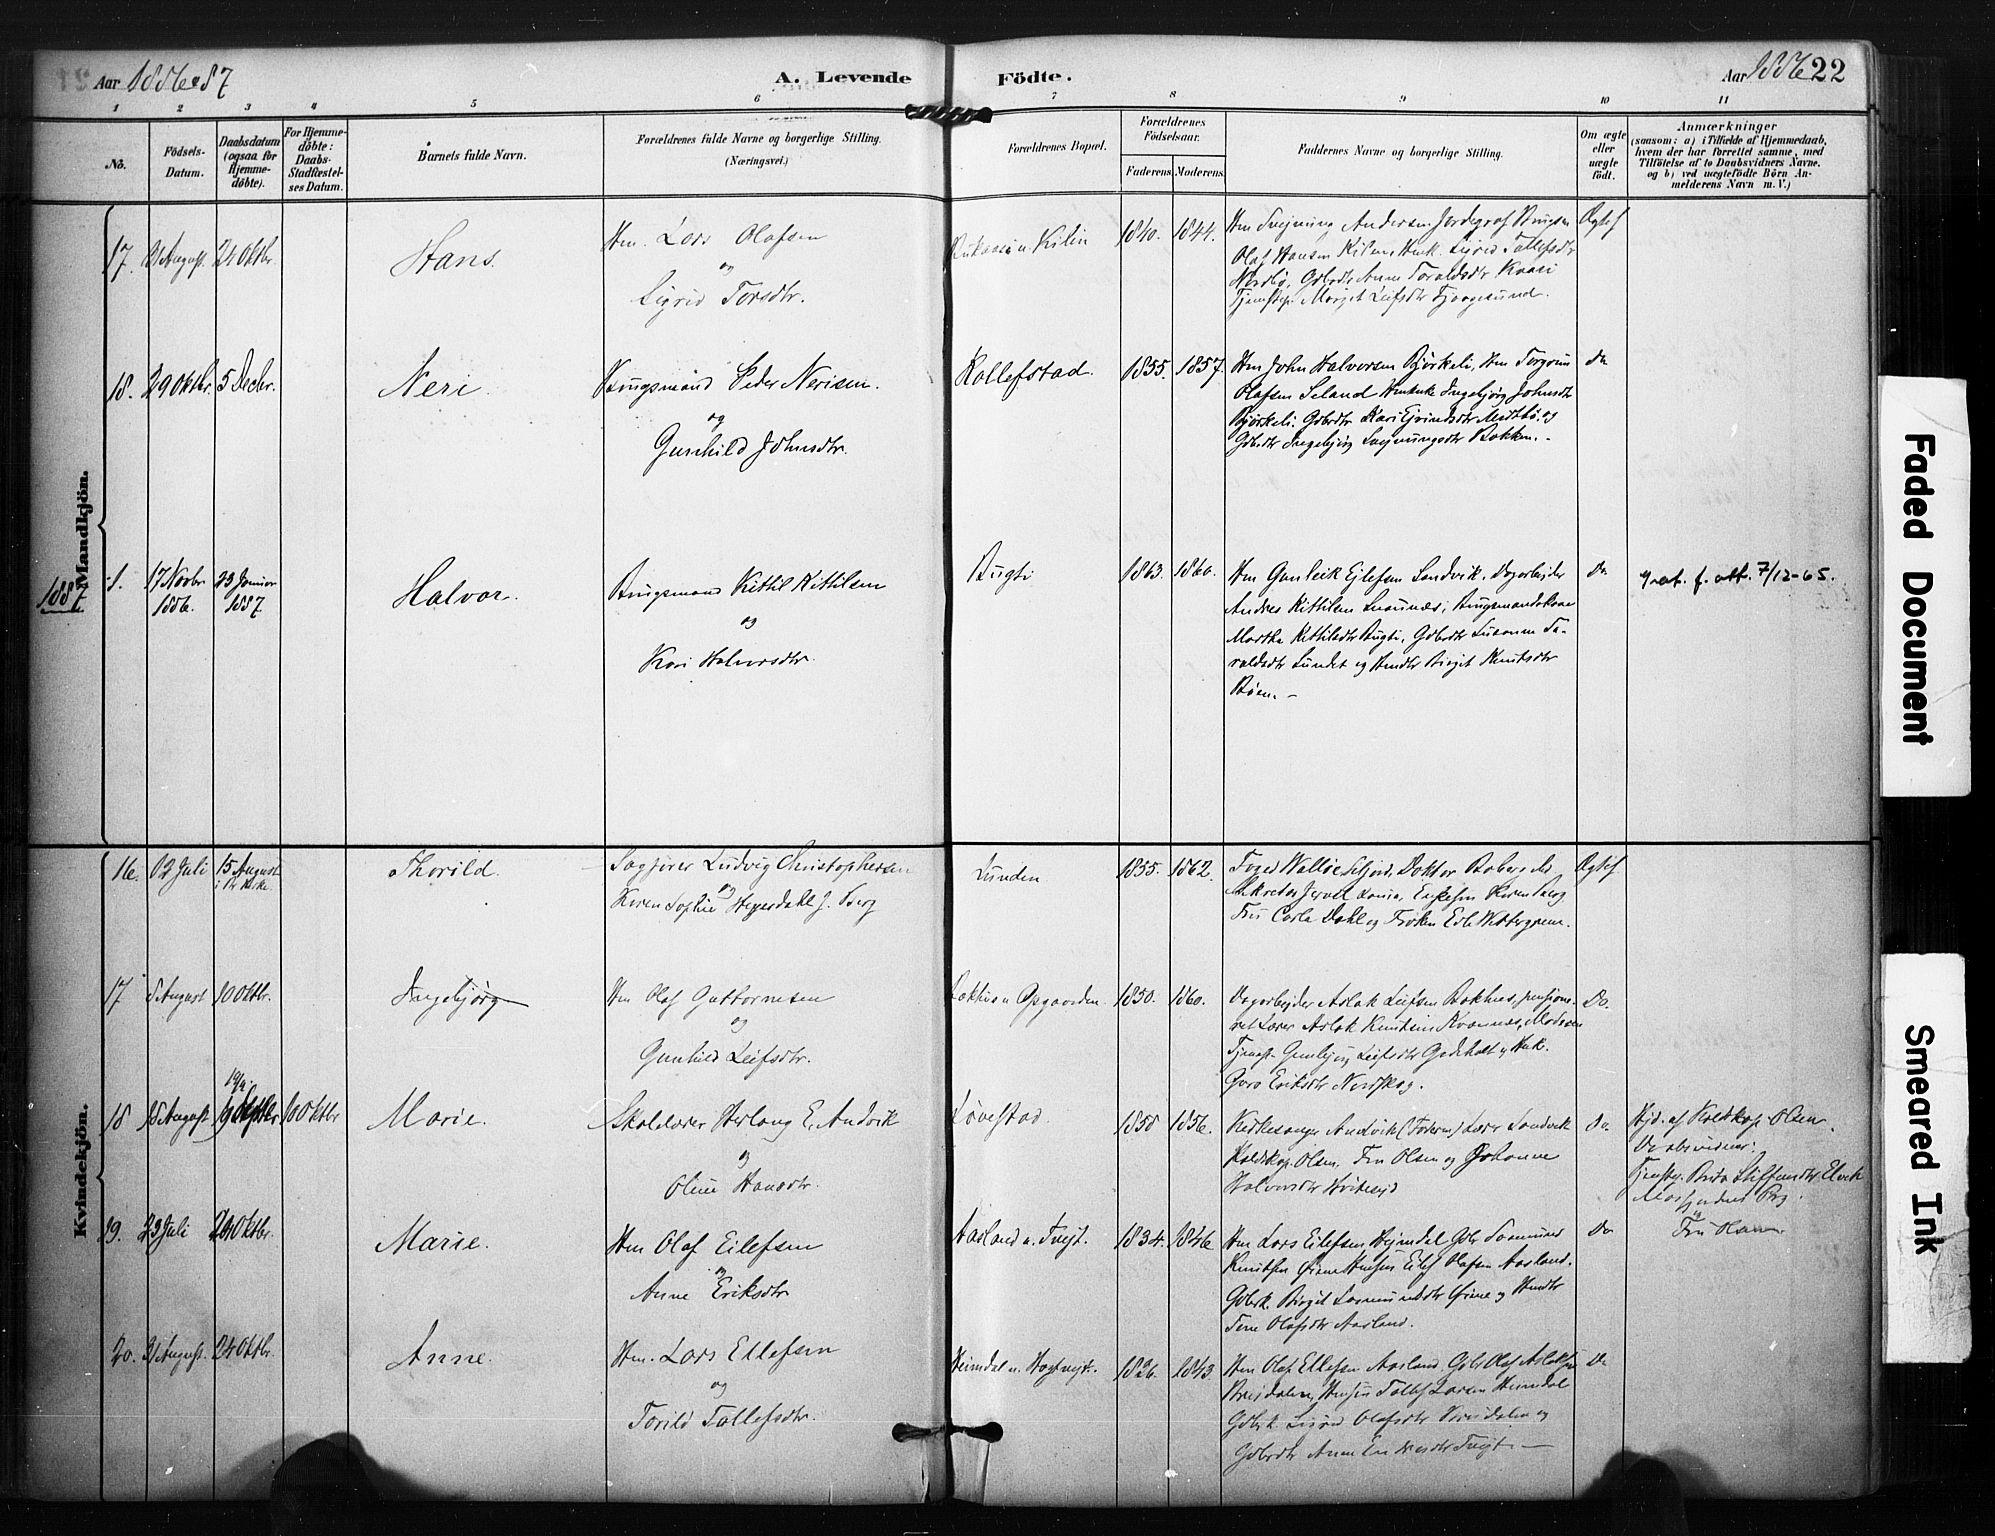 SAKO, Kviteseid kirkebøker, F/Fa/L0008: Ministerialbok nr. I 8, 1882-1903, s. 22